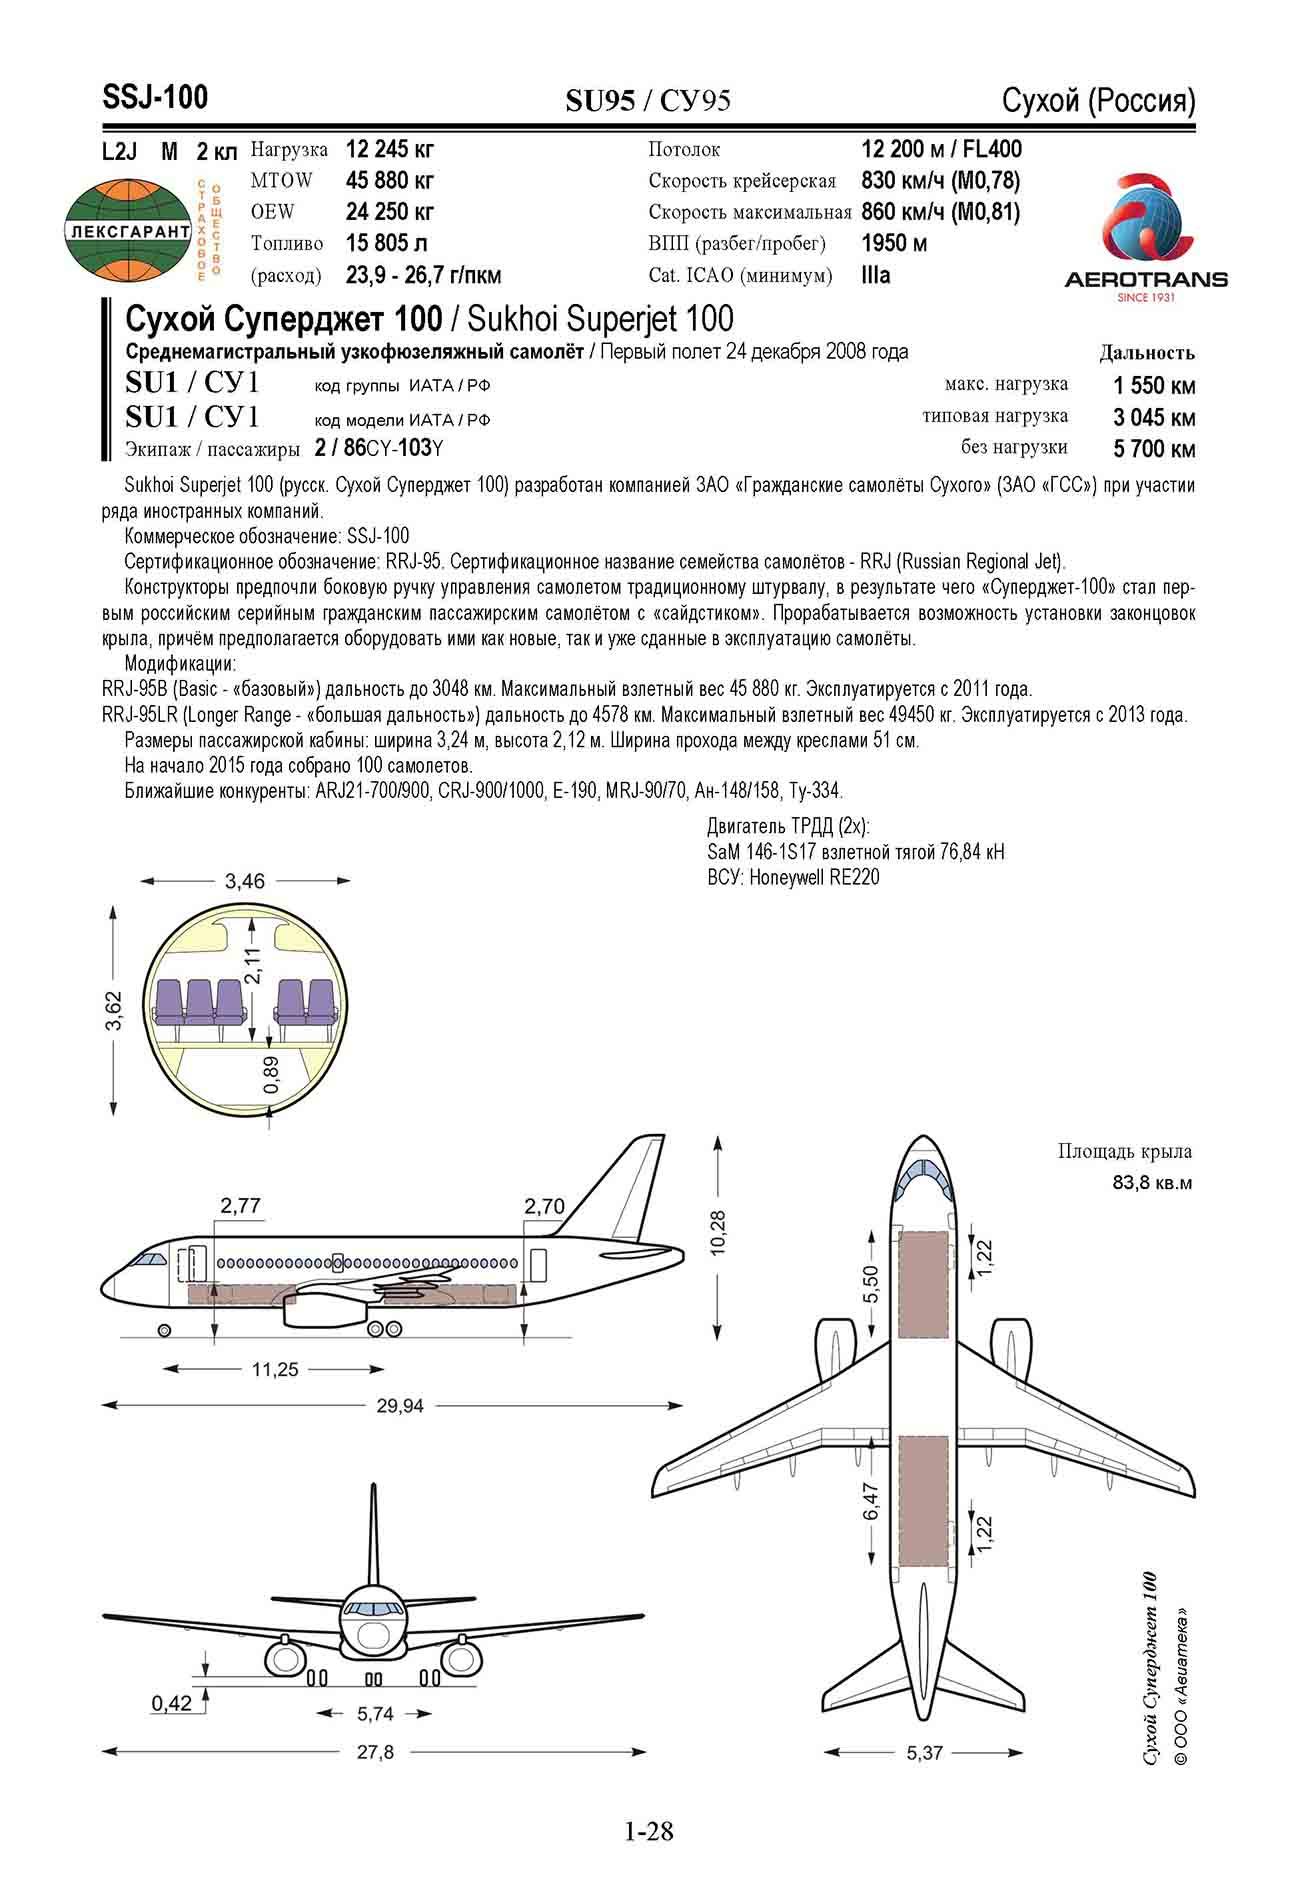 Сухой Суперджет 100 / Sukhoi Superjet 100